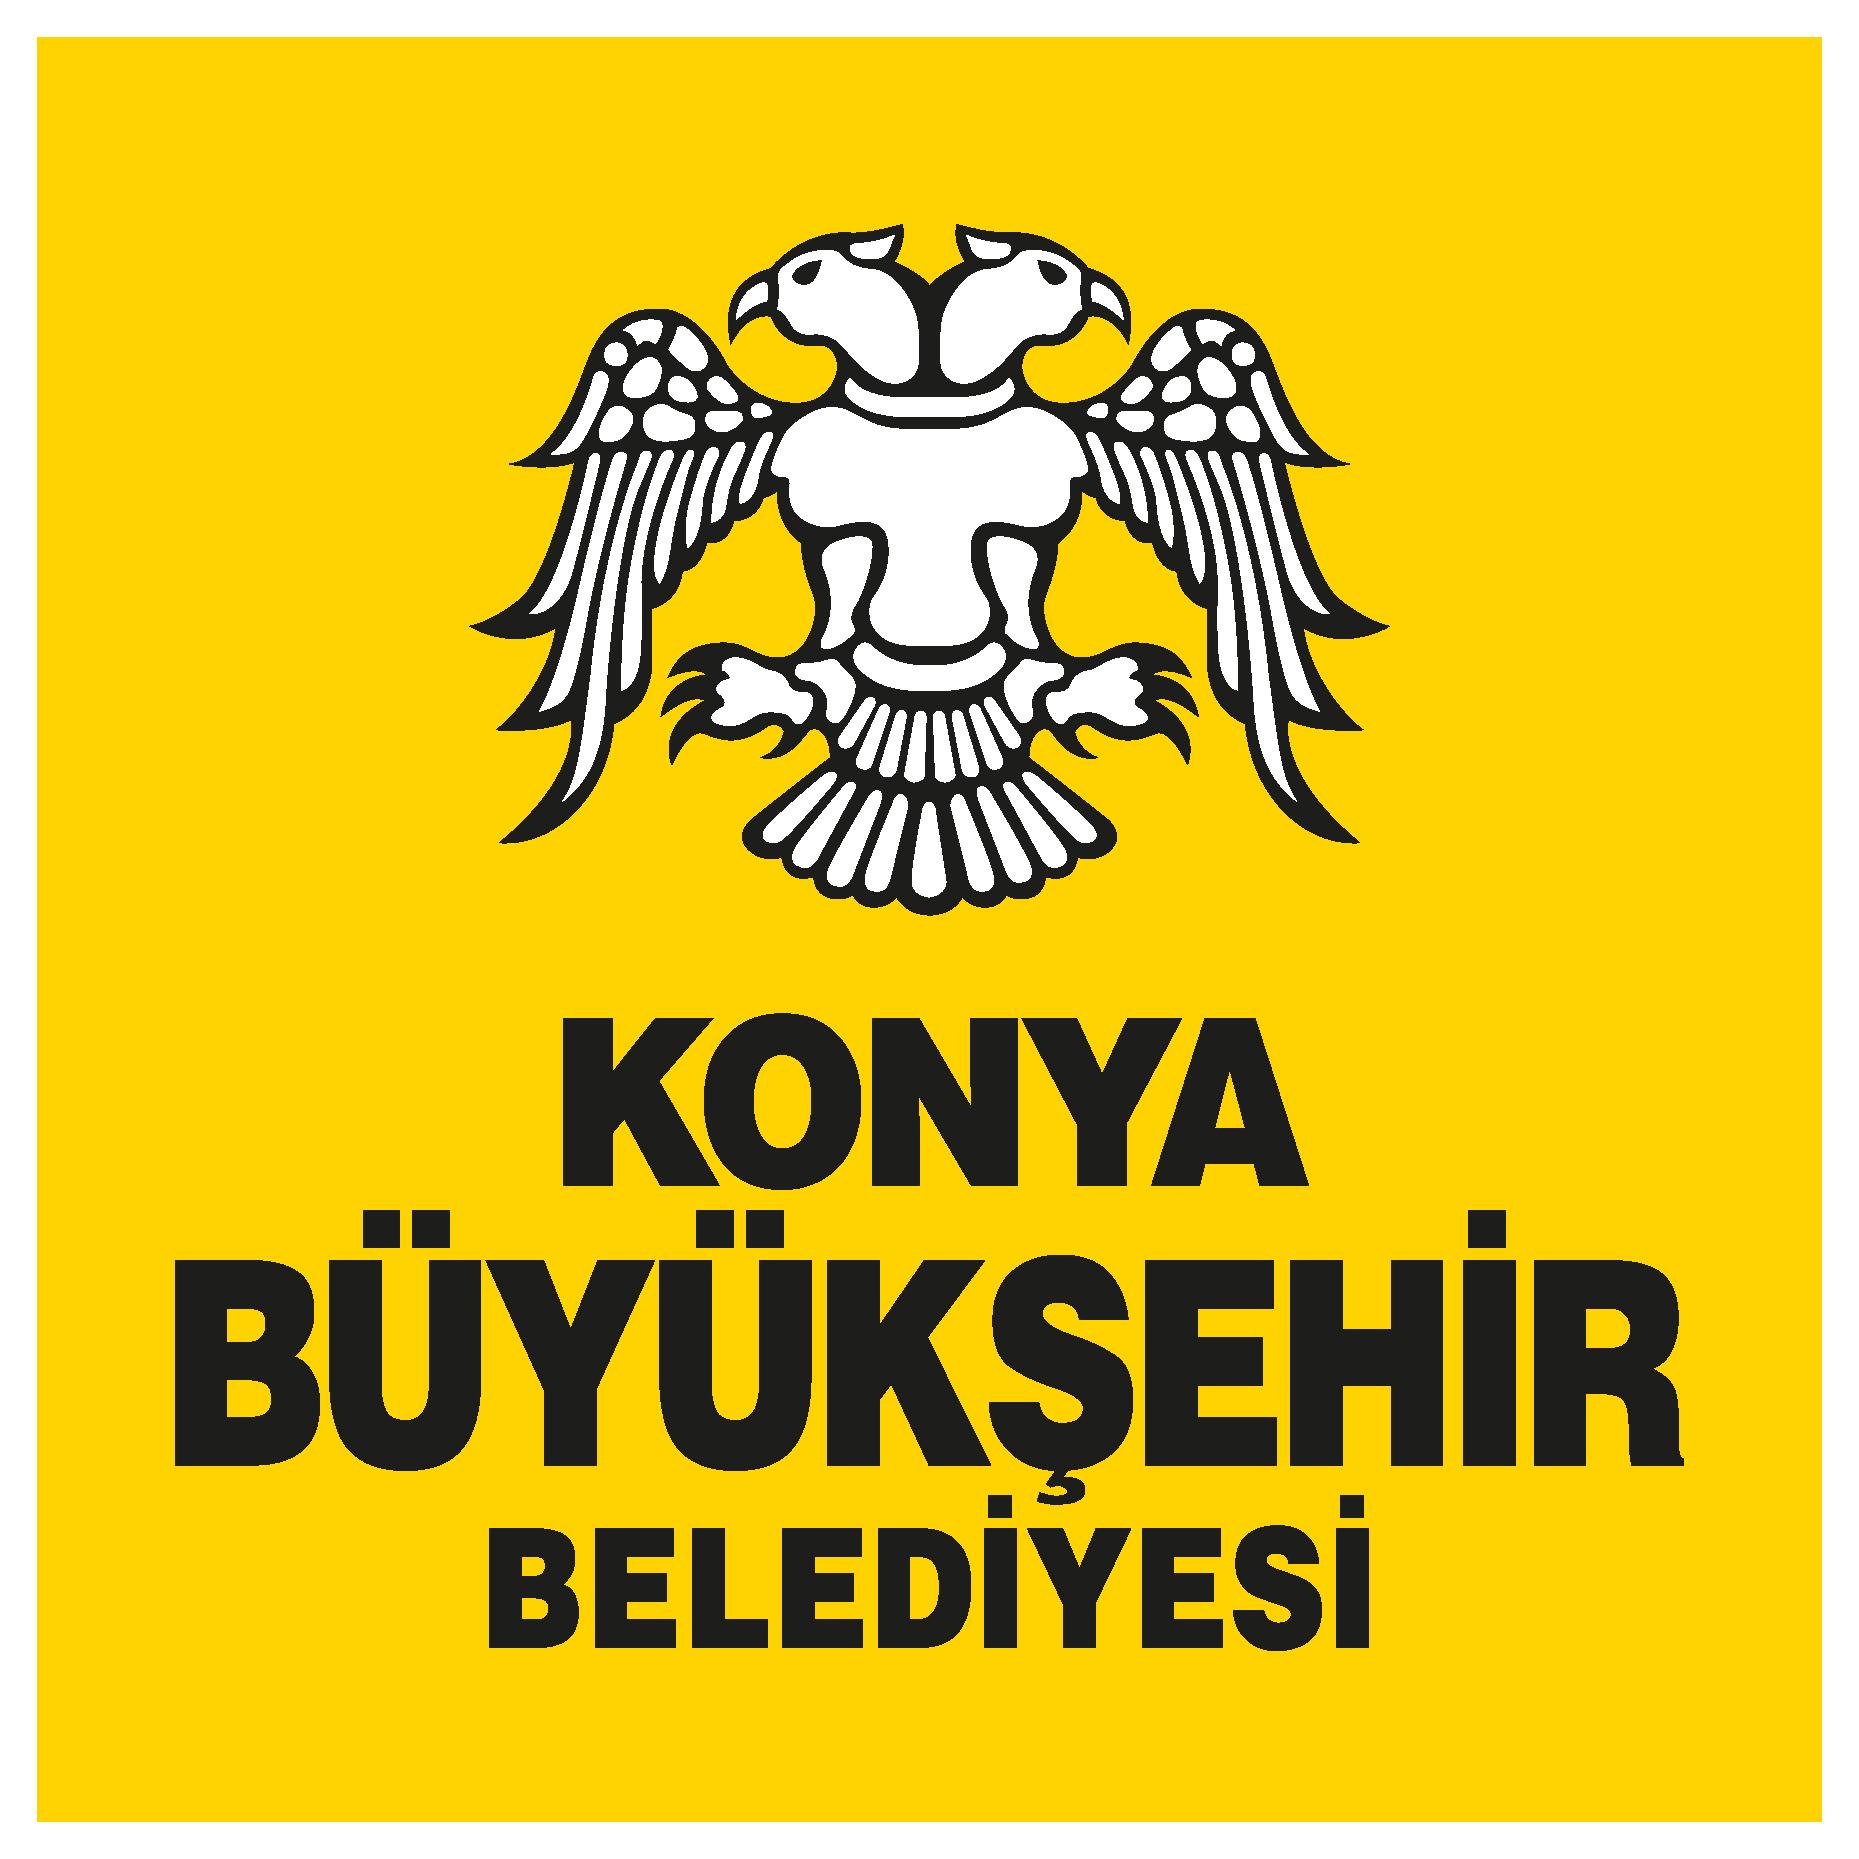 Konya Büyükşehir Belediyesi Logo png